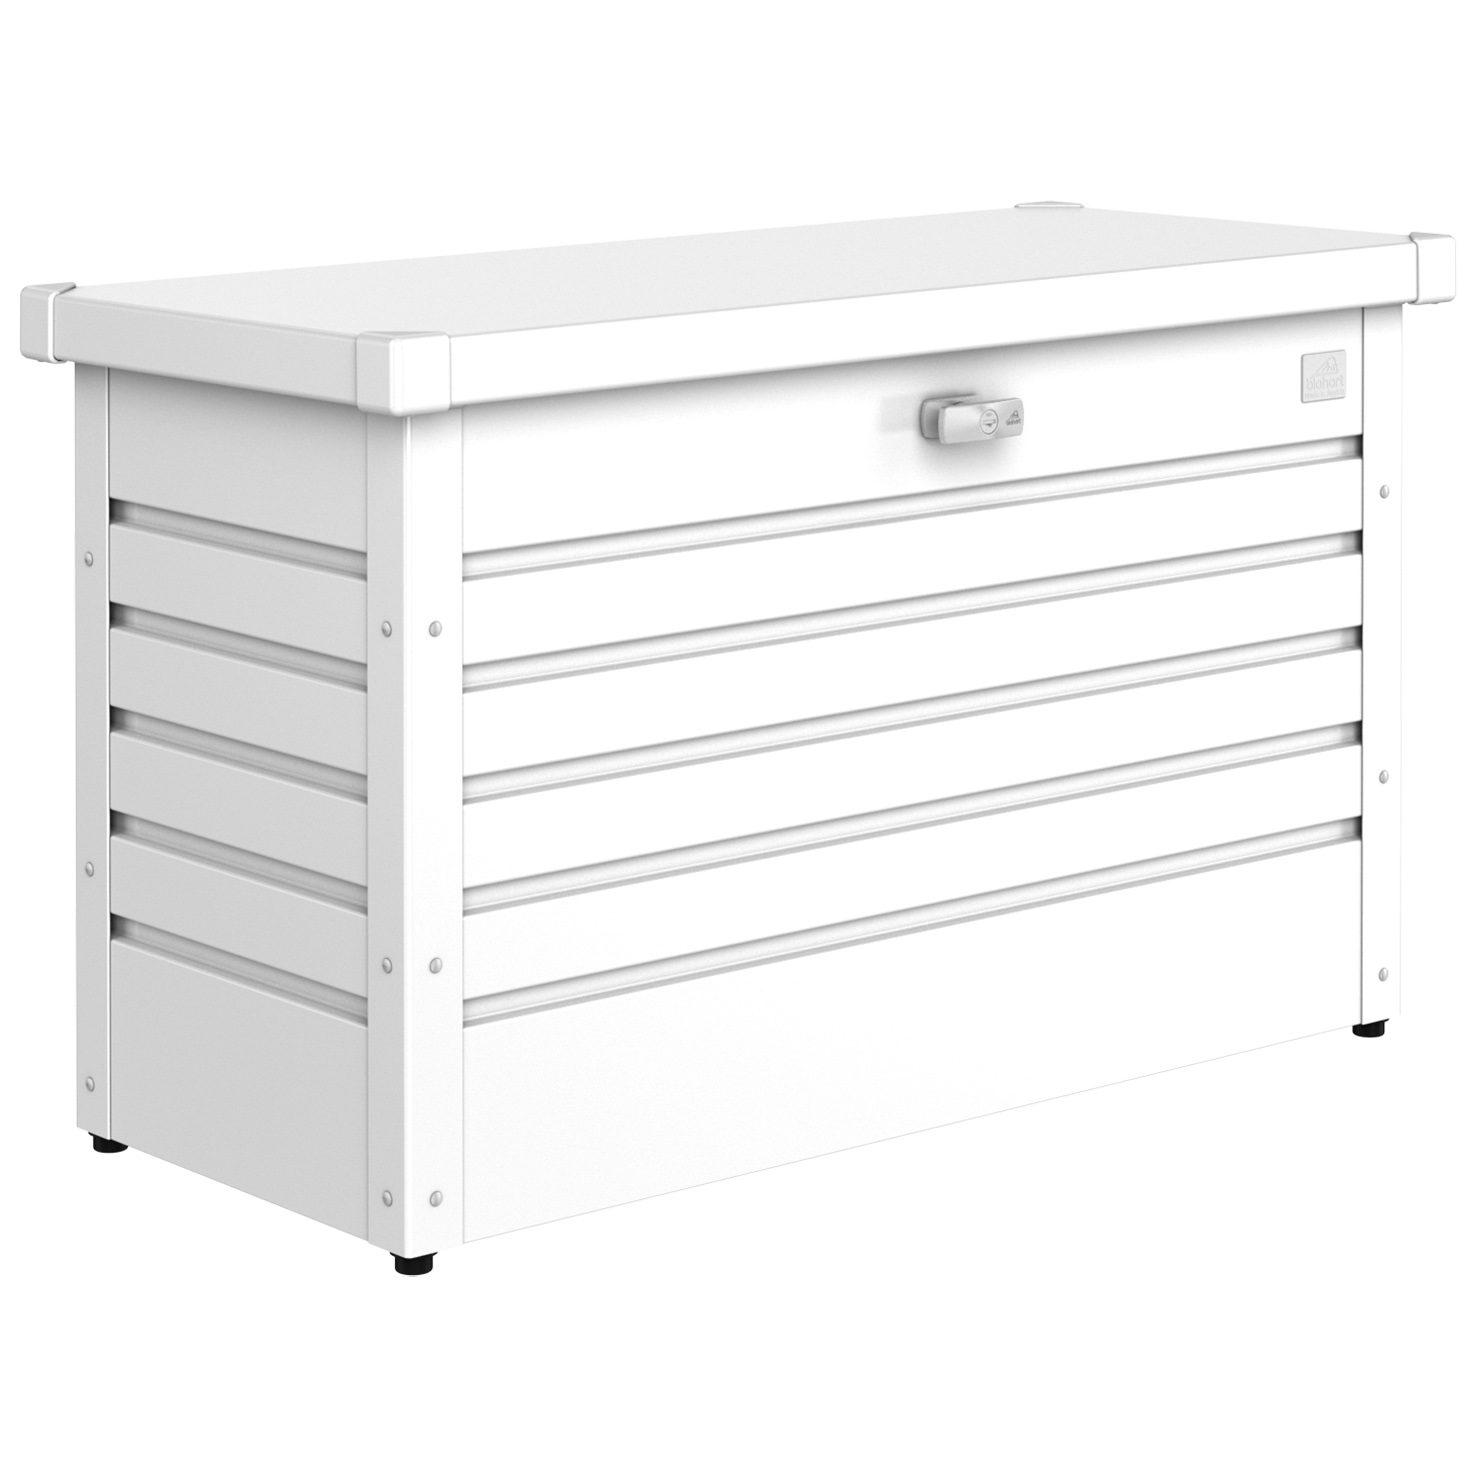 LeisureTime förvaringsbox 100, vit från Biohort